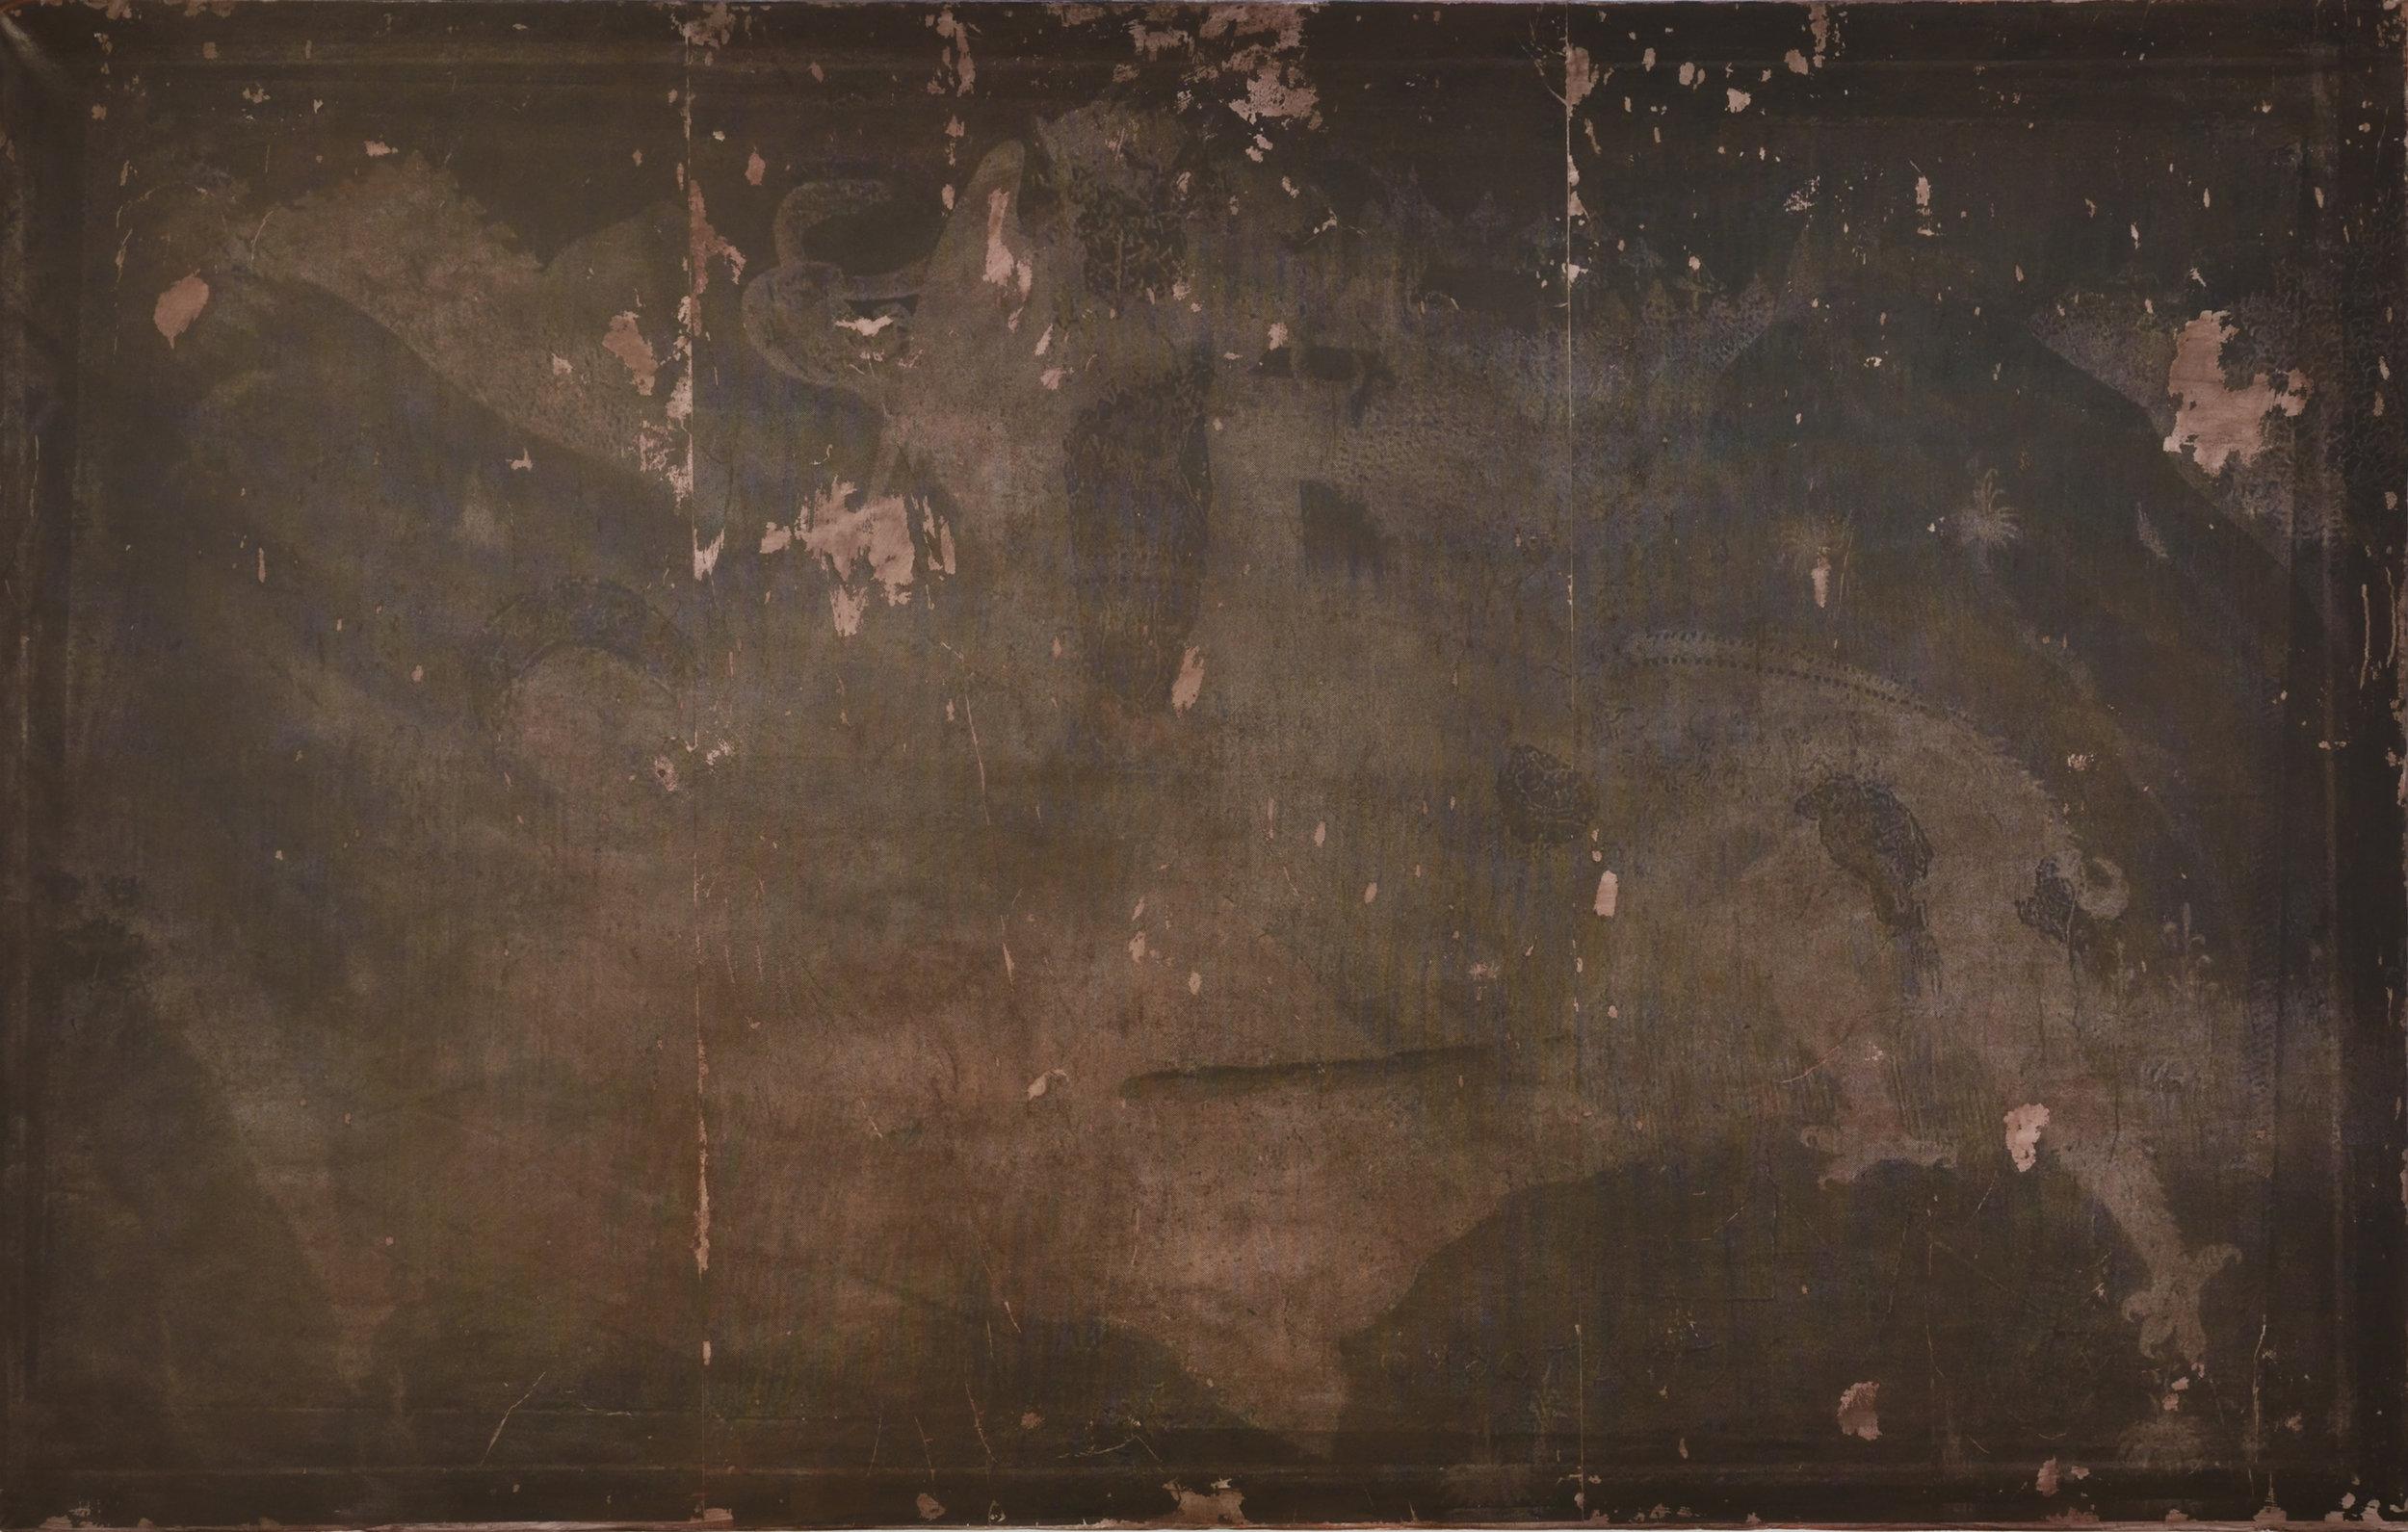 Les Forces en Présence  (2018)  Aurore Pallet  Transfert et huile sur toile, 160 x 250 cm  Courtoisie galerie Isabelle Gounod et Aurore Pallet